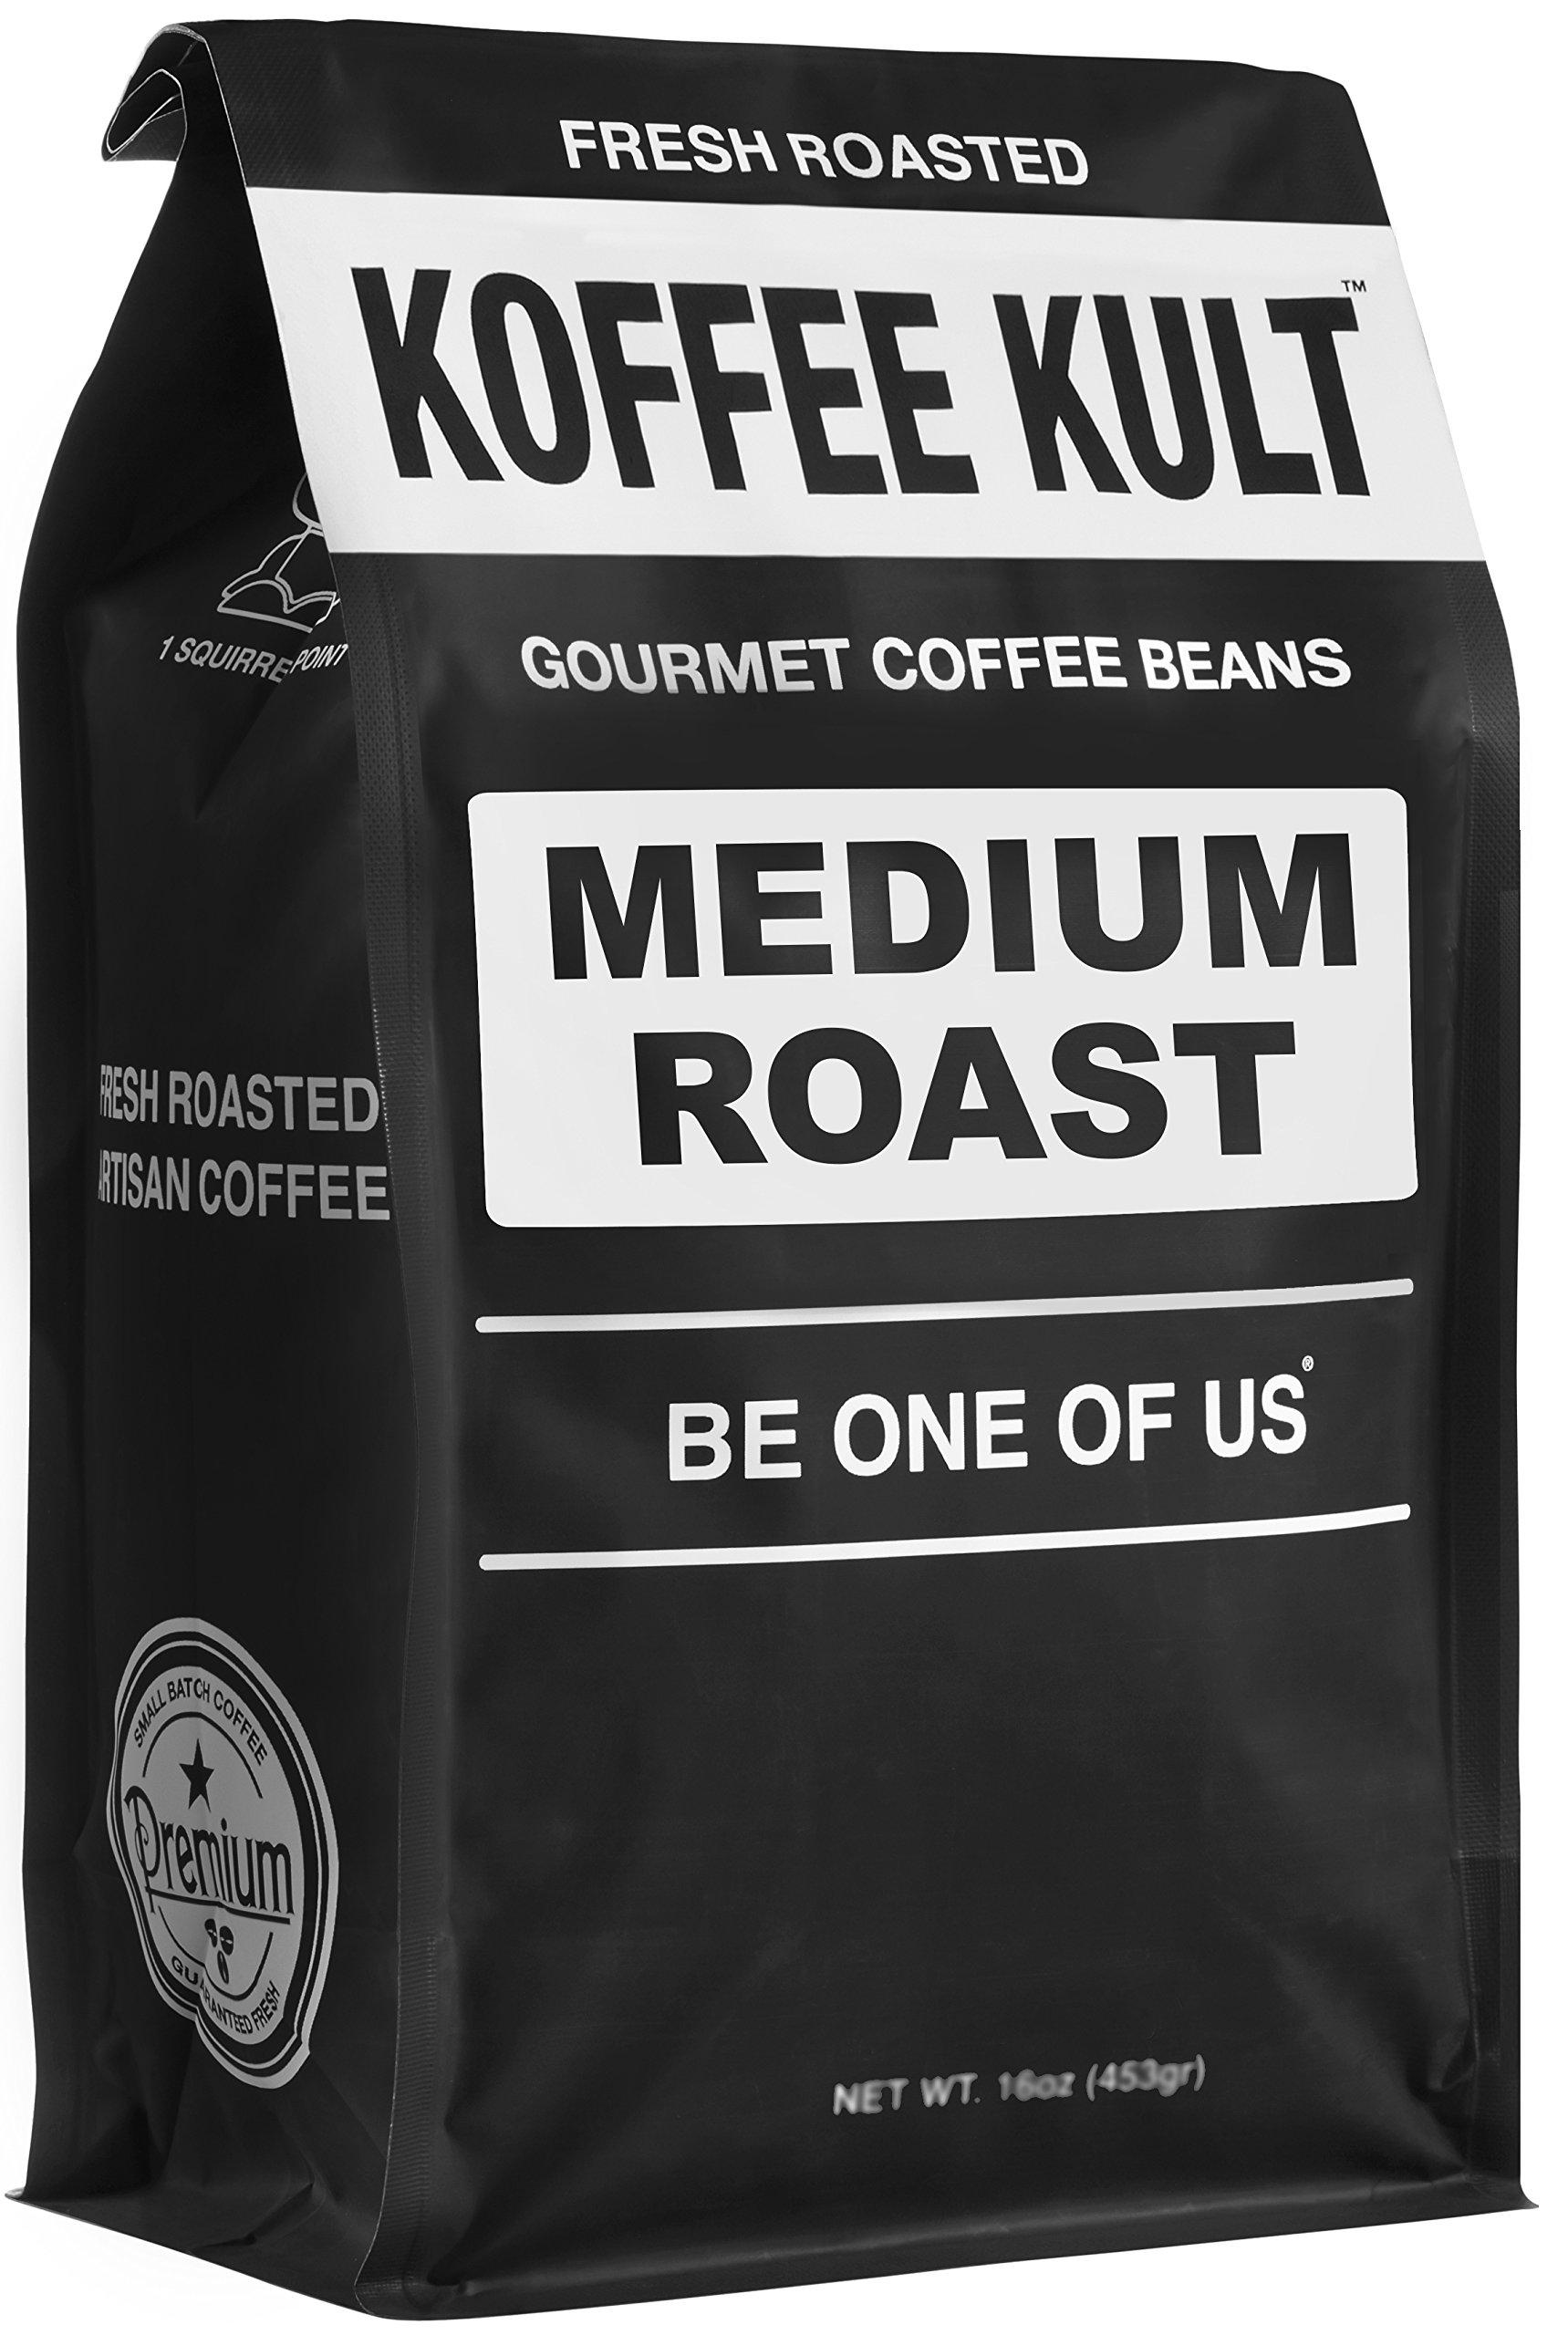 Koffee Kult Medium Roast Ground Coffee, 32oz